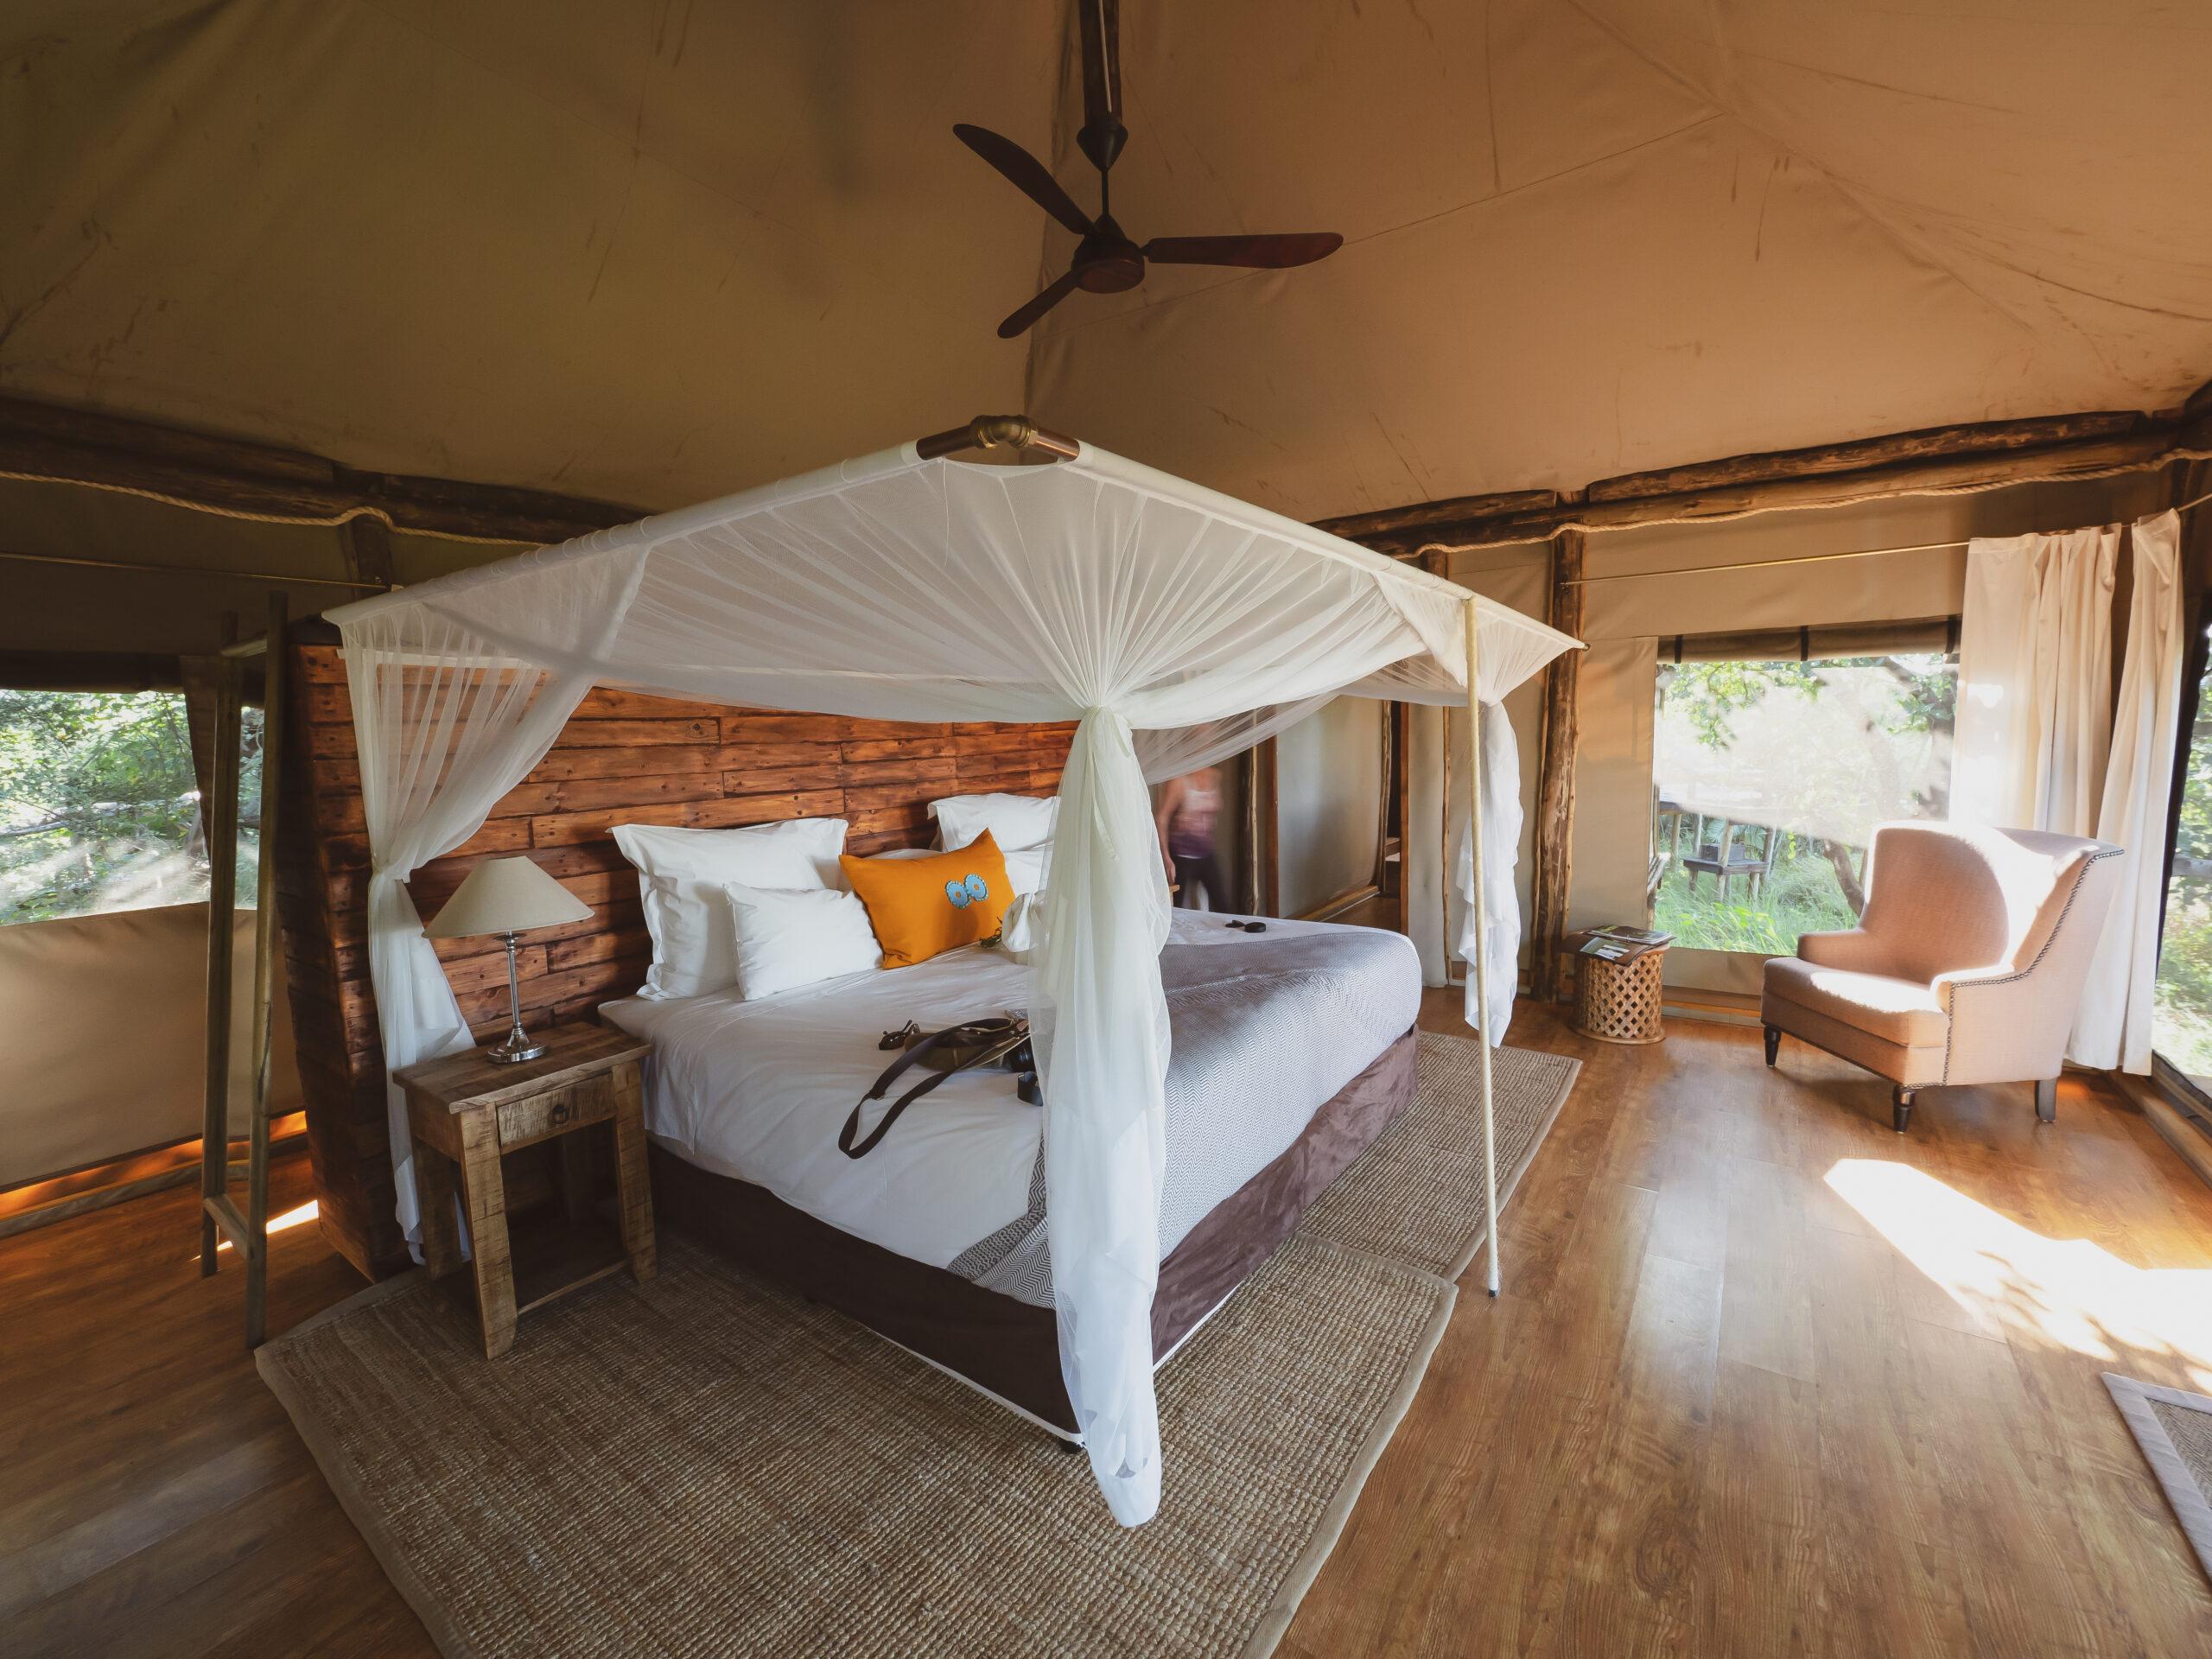 Mopiri accommodation